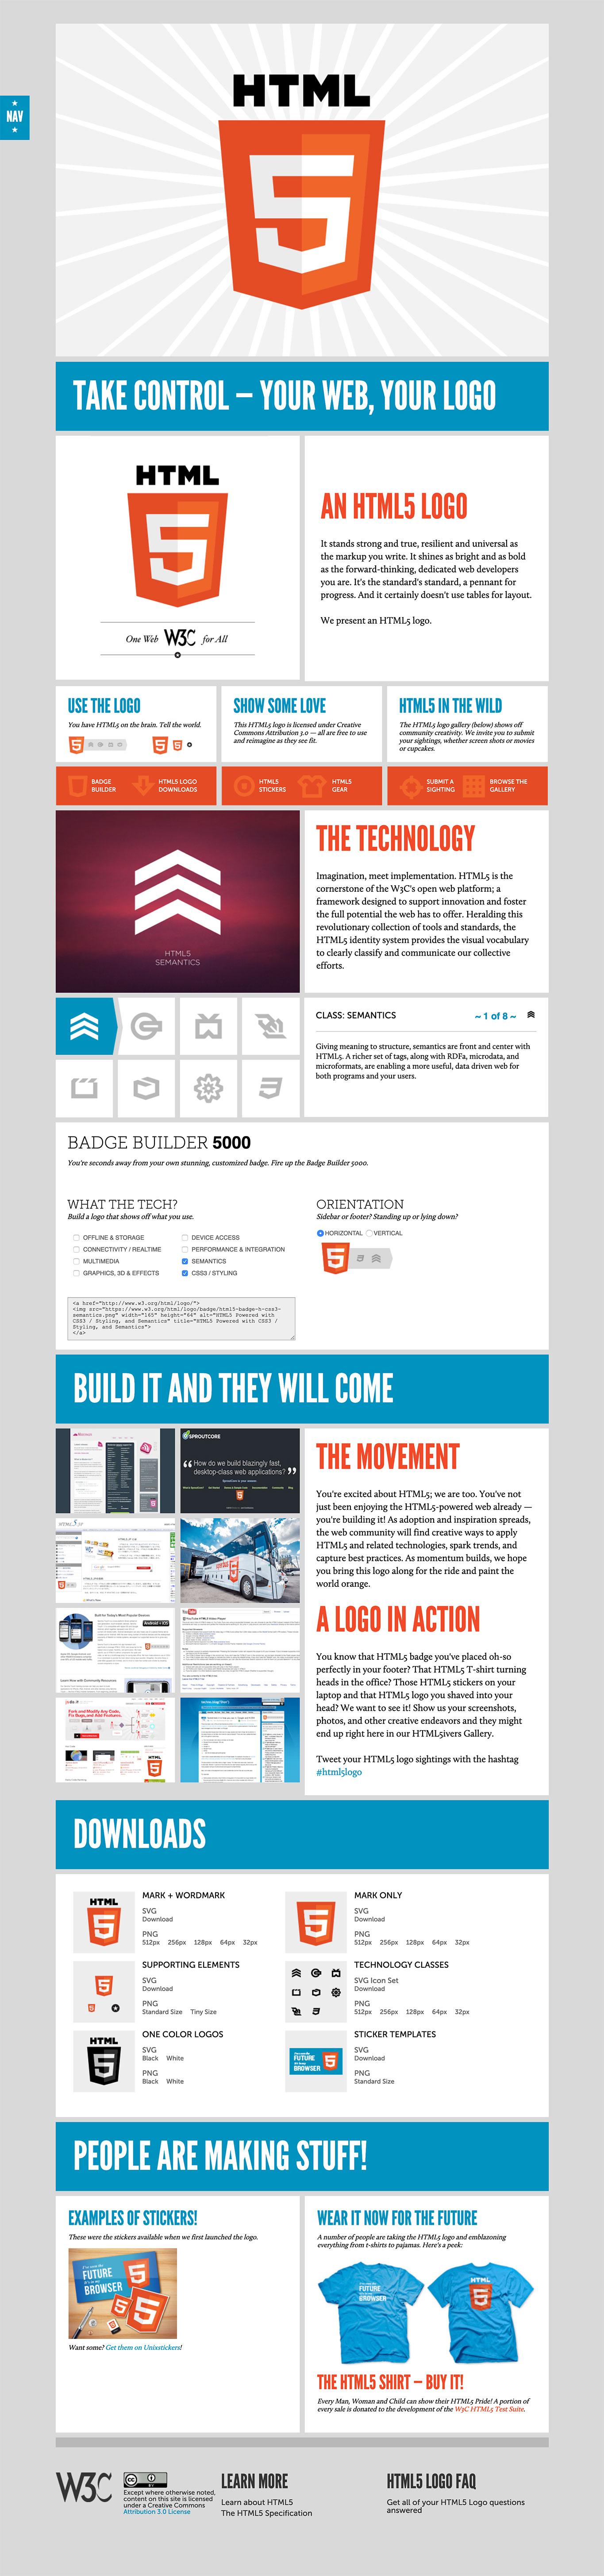 HTML 5 website image